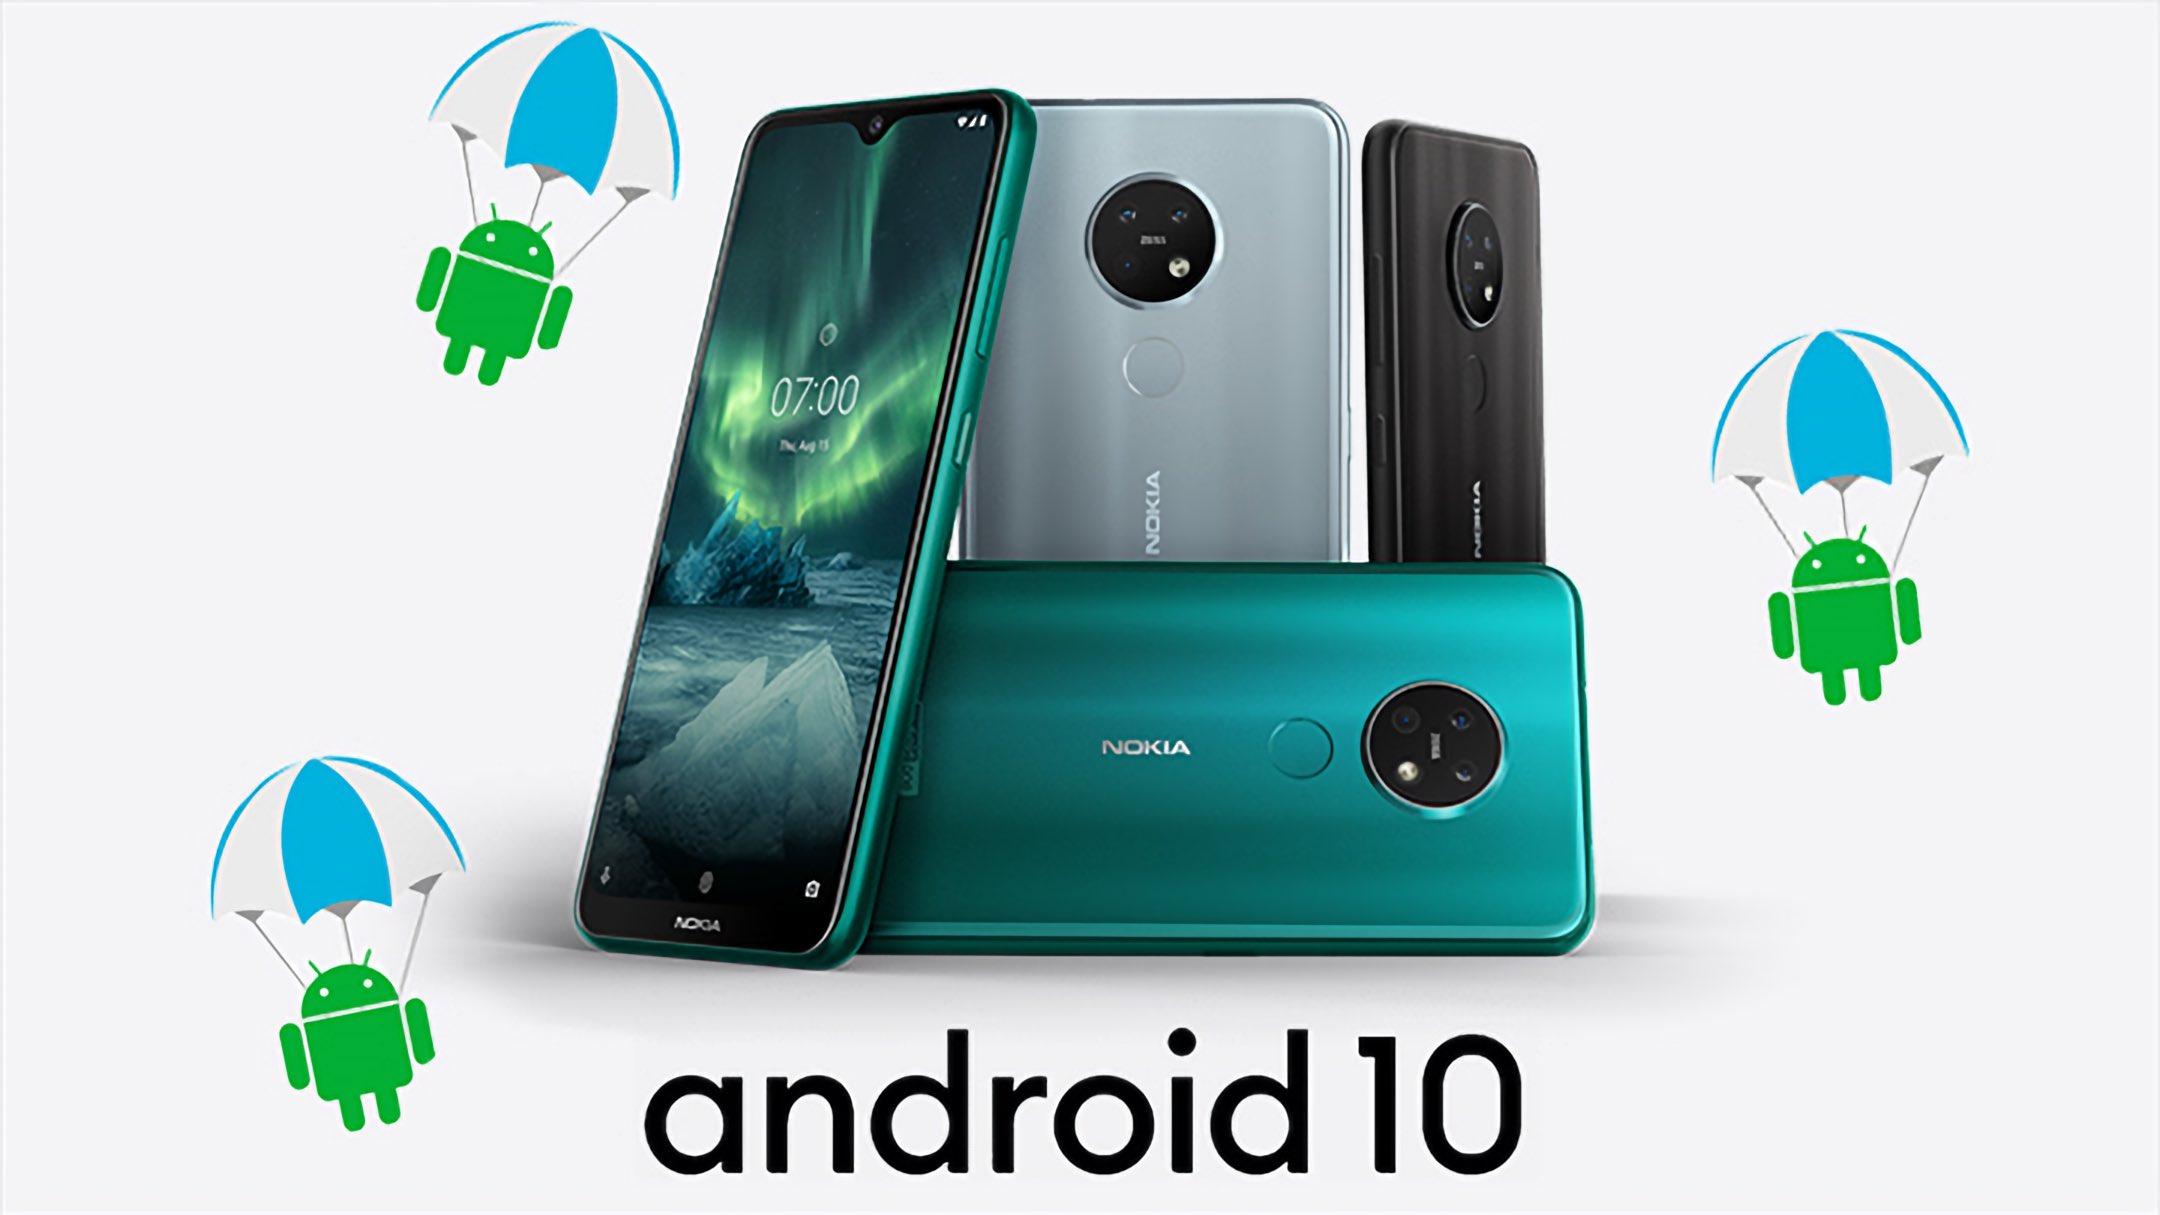 Nokia Android 10 takvimini yenilemek zorunda kaldı! Ah corona ah!